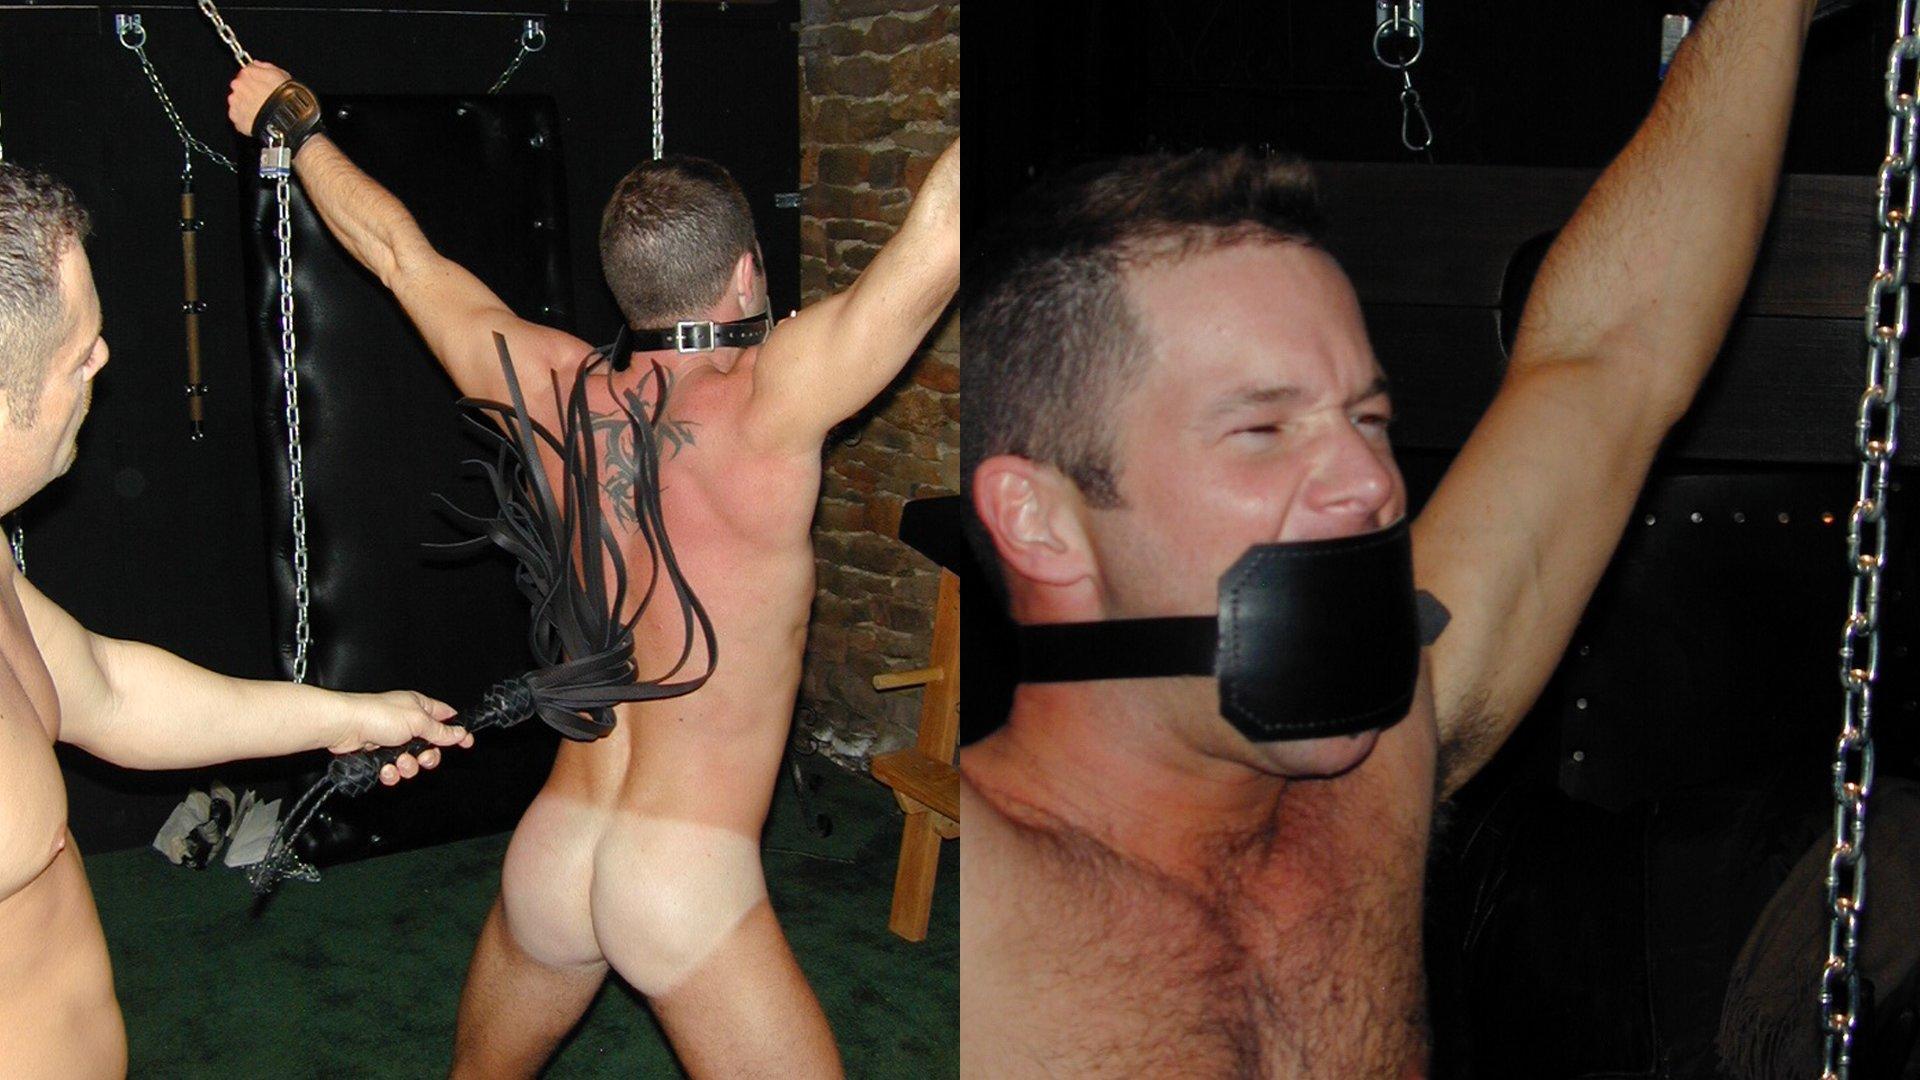 Tag Punished: The Flogging